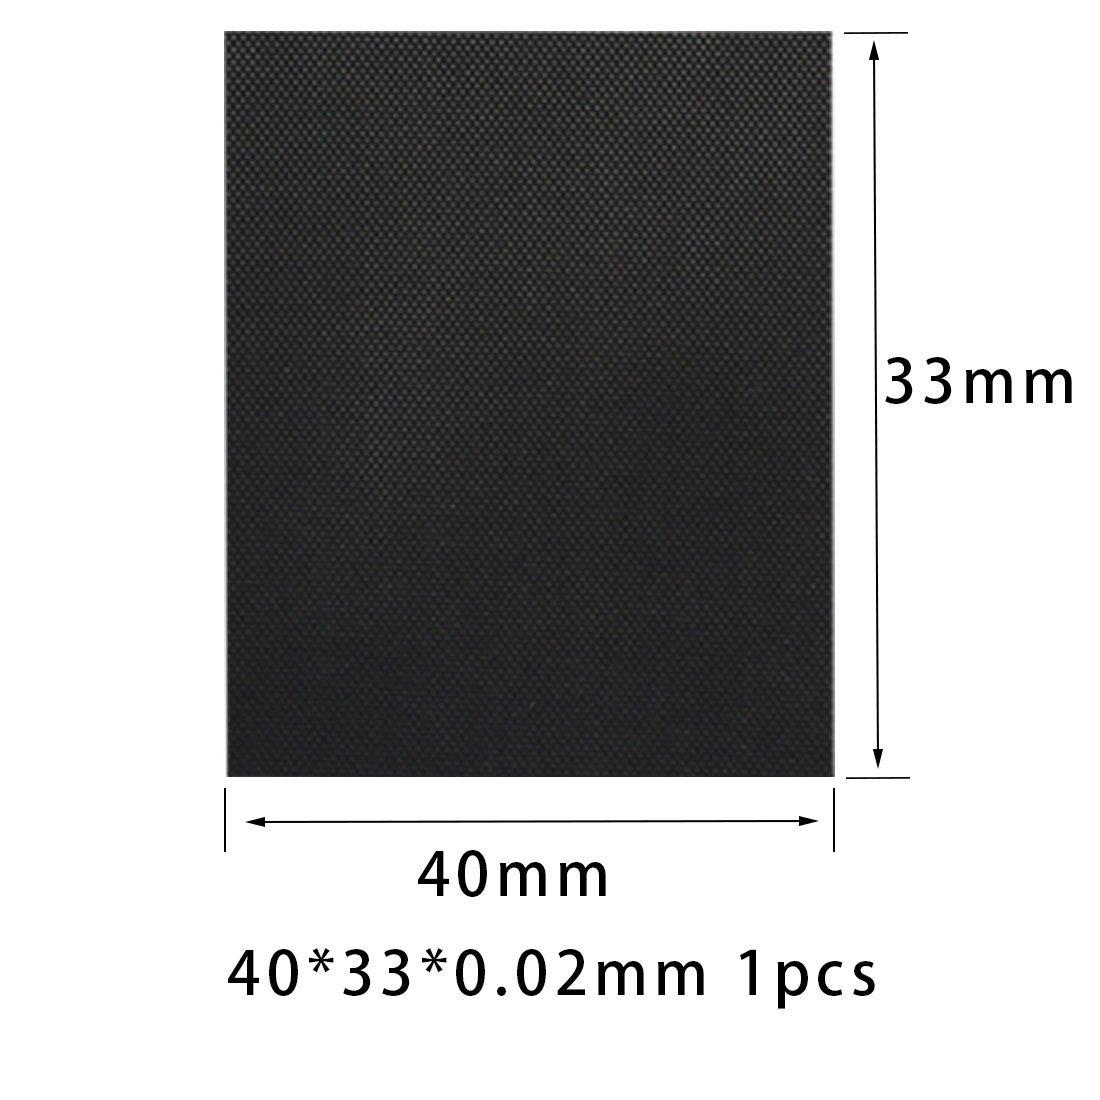 Amazon.com: eDealMax 16x13 pulgadas Parrilla Mat Conjunto antiadherente utensilios Barbacoa Gas de carbón eléctrico Hoja de cocina: Home & Kitchen